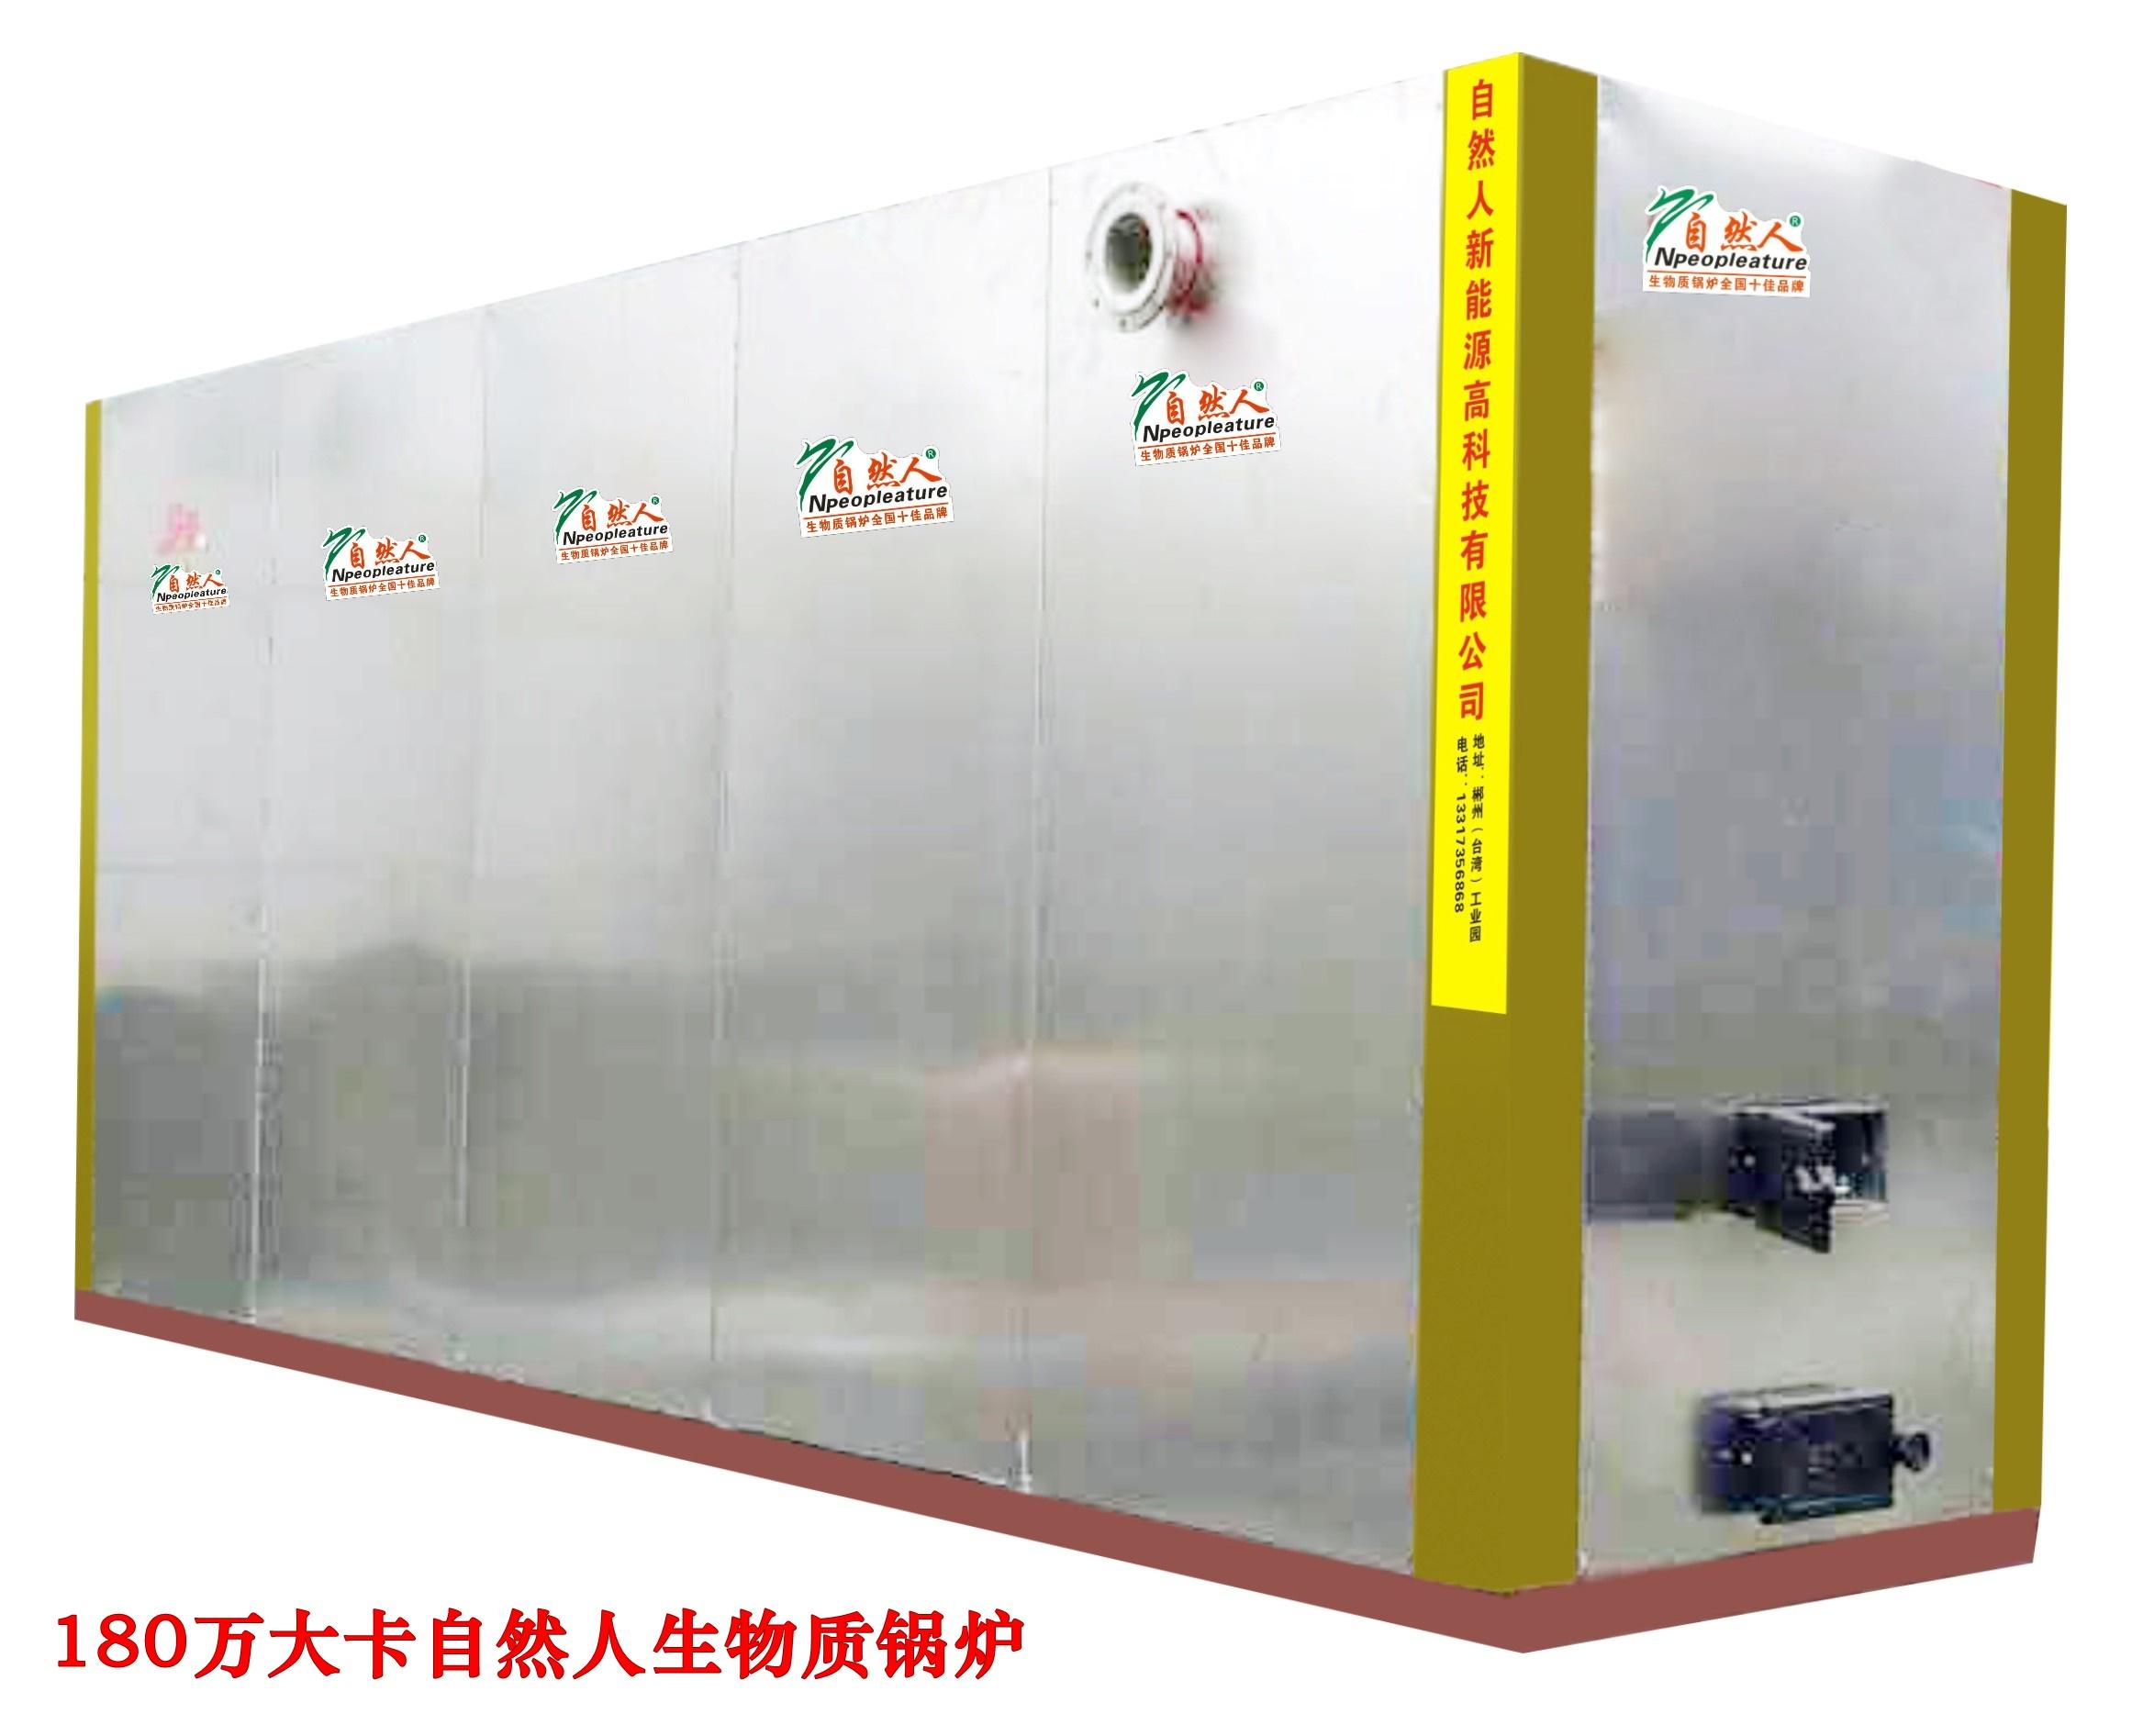 180万大卡生物质锅炉 3吨锅炉型号